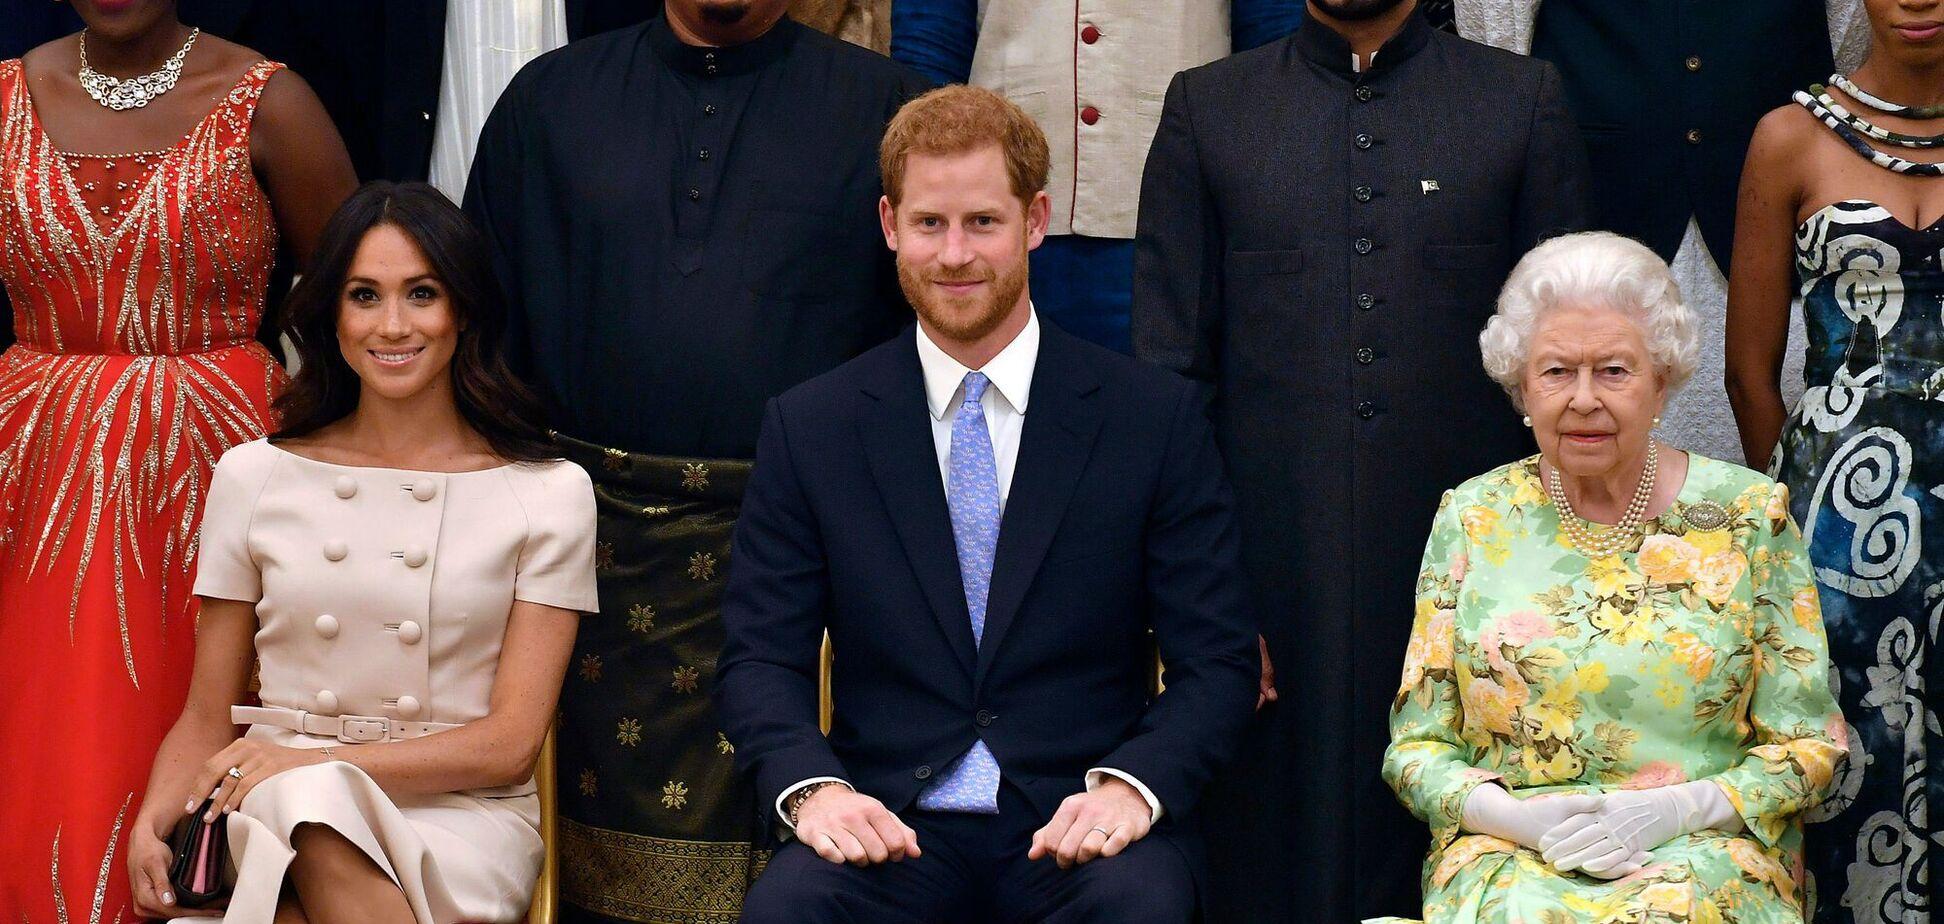 Меган Маркл, принц Гаррі і Єлизавета II